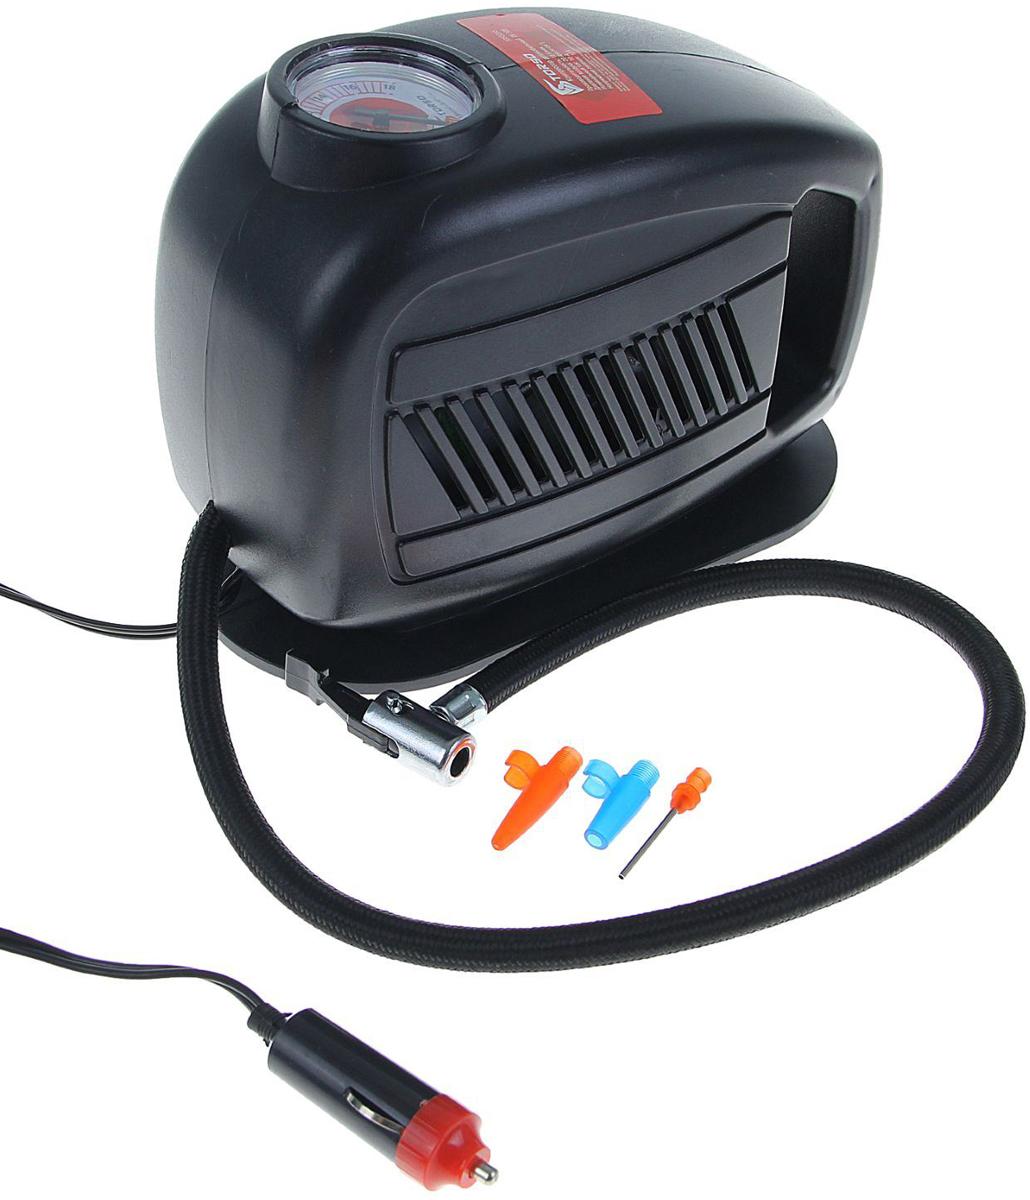 Компрессор автомобильный Torso TK-105, 10А, 18 л/мин1065265Автомобильный компрессор TORSO — это незаменимый помощник автомобилиста. Потребуется для накачивания колеса после прокола, выхода из строя ниппеля или подкачки запаски. Особенно прибор необходим в сезоны смены шин, во время поездок на далёкие расстояния. Специальные насадки позволят подкачать волейбольный мяч, шины велосипеда или резиновую лодку. Бюджетная модель, подойдёт для экономного водителя, который ценит соотношение хорошего качества и оптимальной стоимости.10 А, 18 л/мин, провод 3 м, шланг 65 см